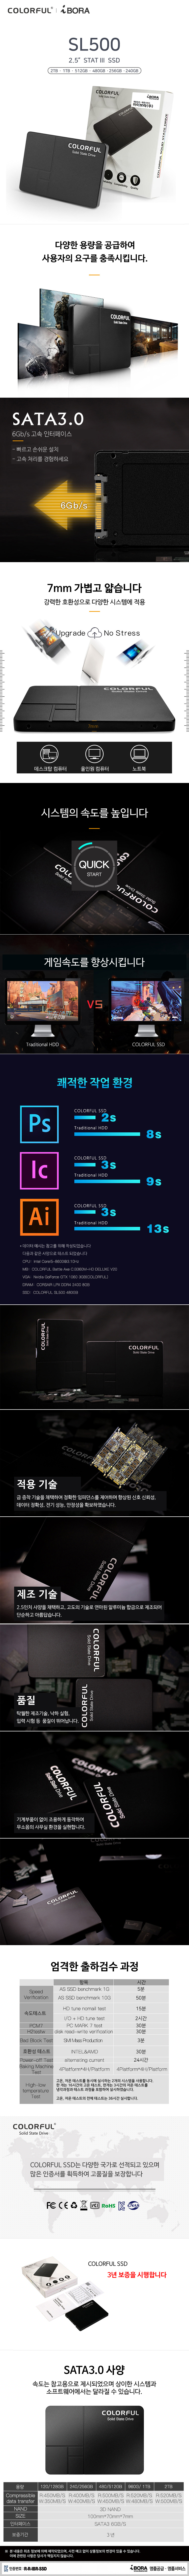 COLORFUL SL500 아이보라 (256GB)